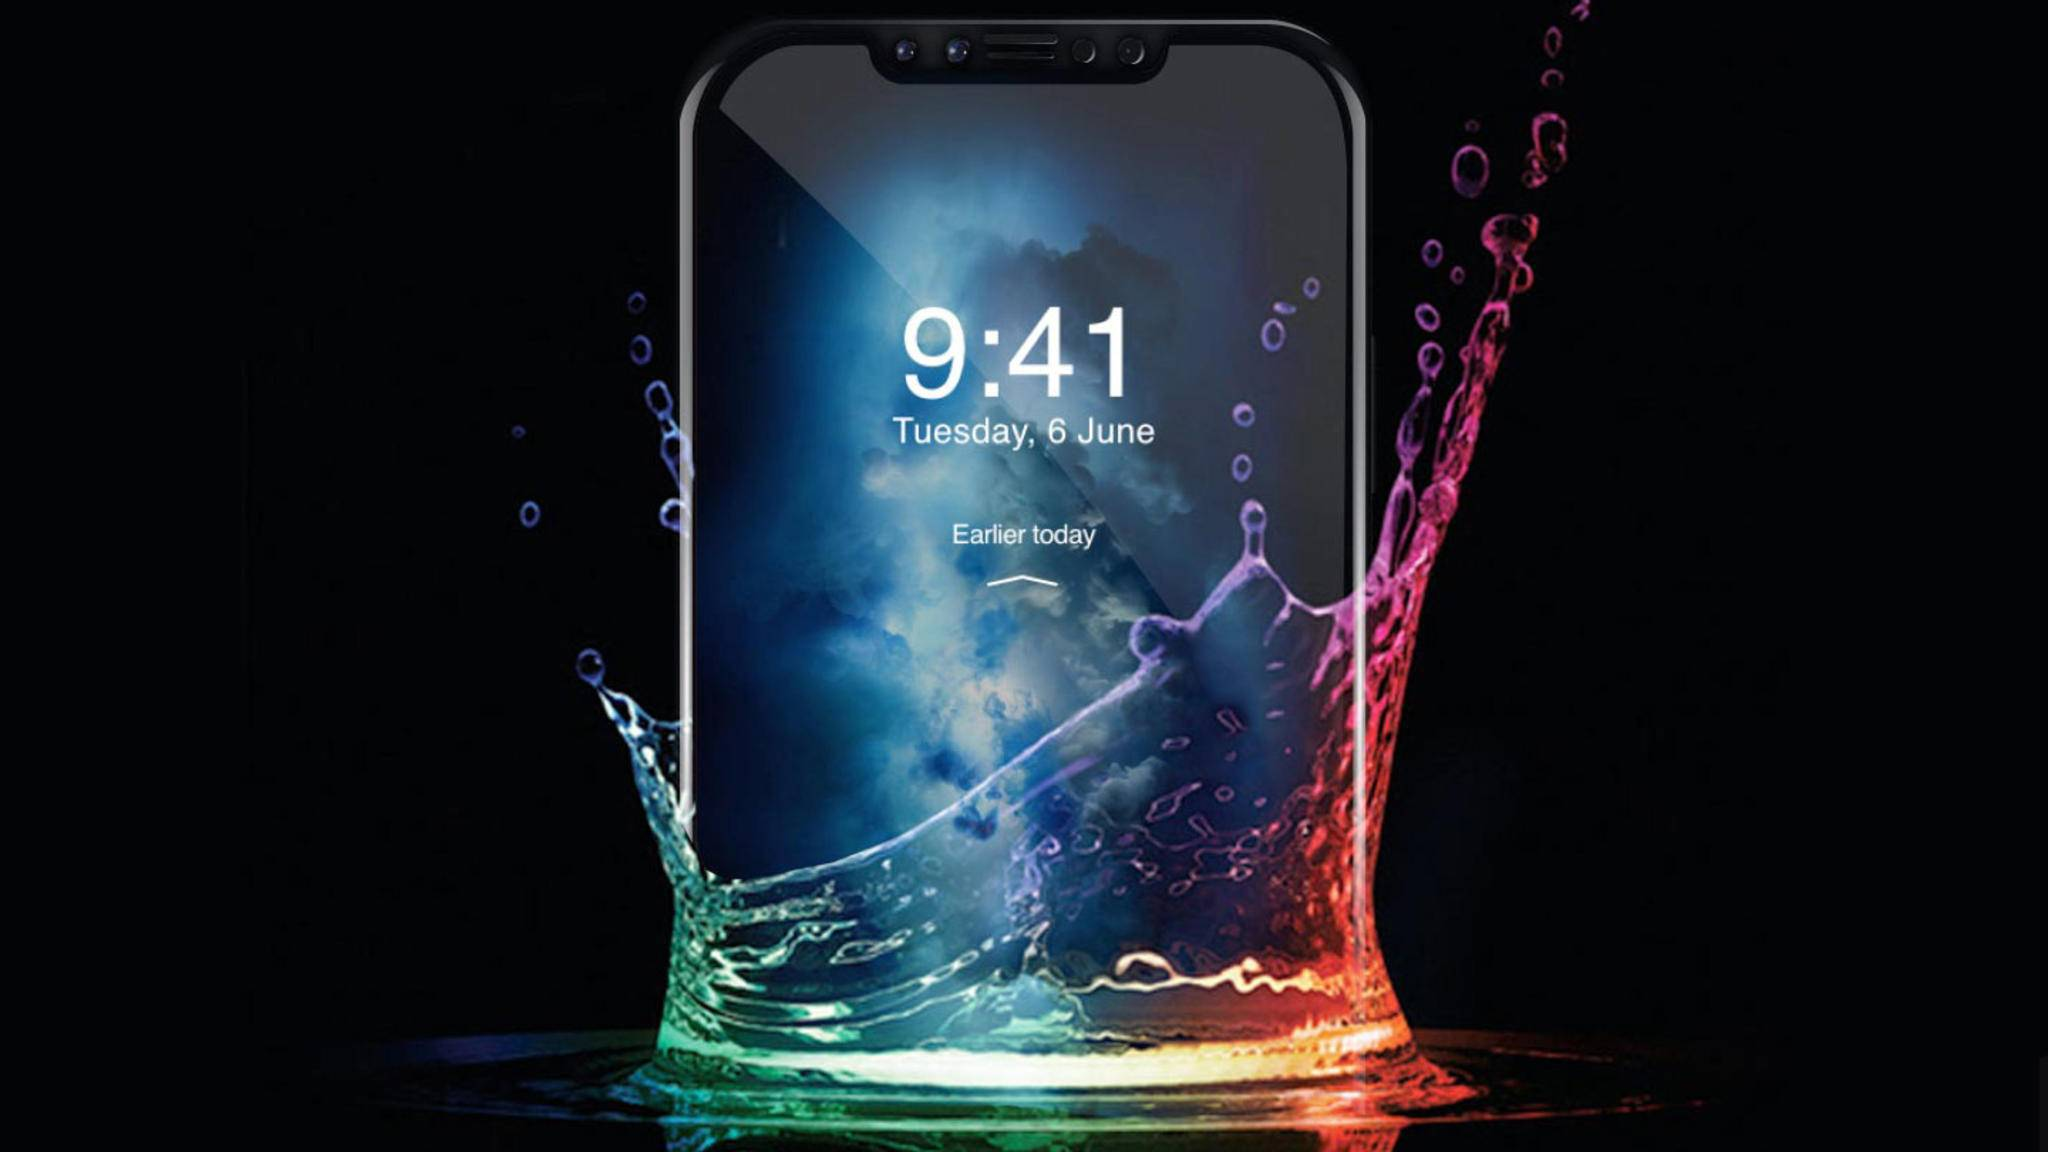 Qualcomm findet das iPhone 8 gar nicht so einfallsreich.